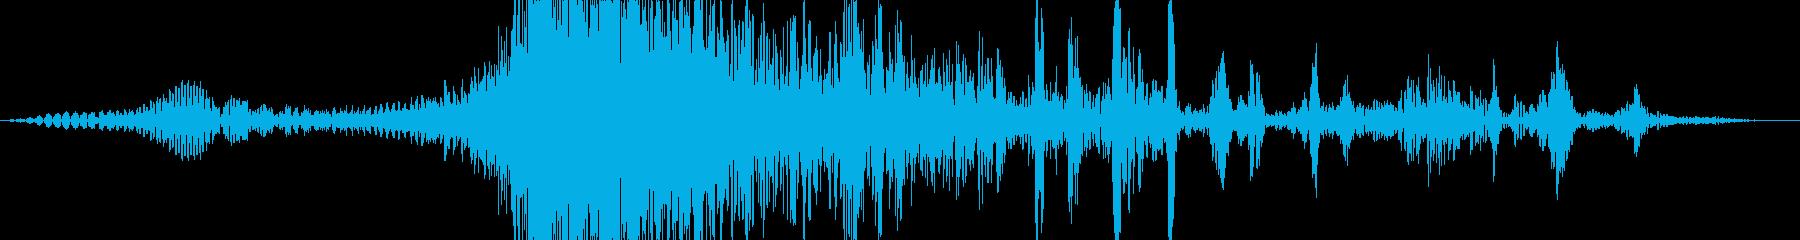 【ゲーム】 水 01 水中の再生済みの波形